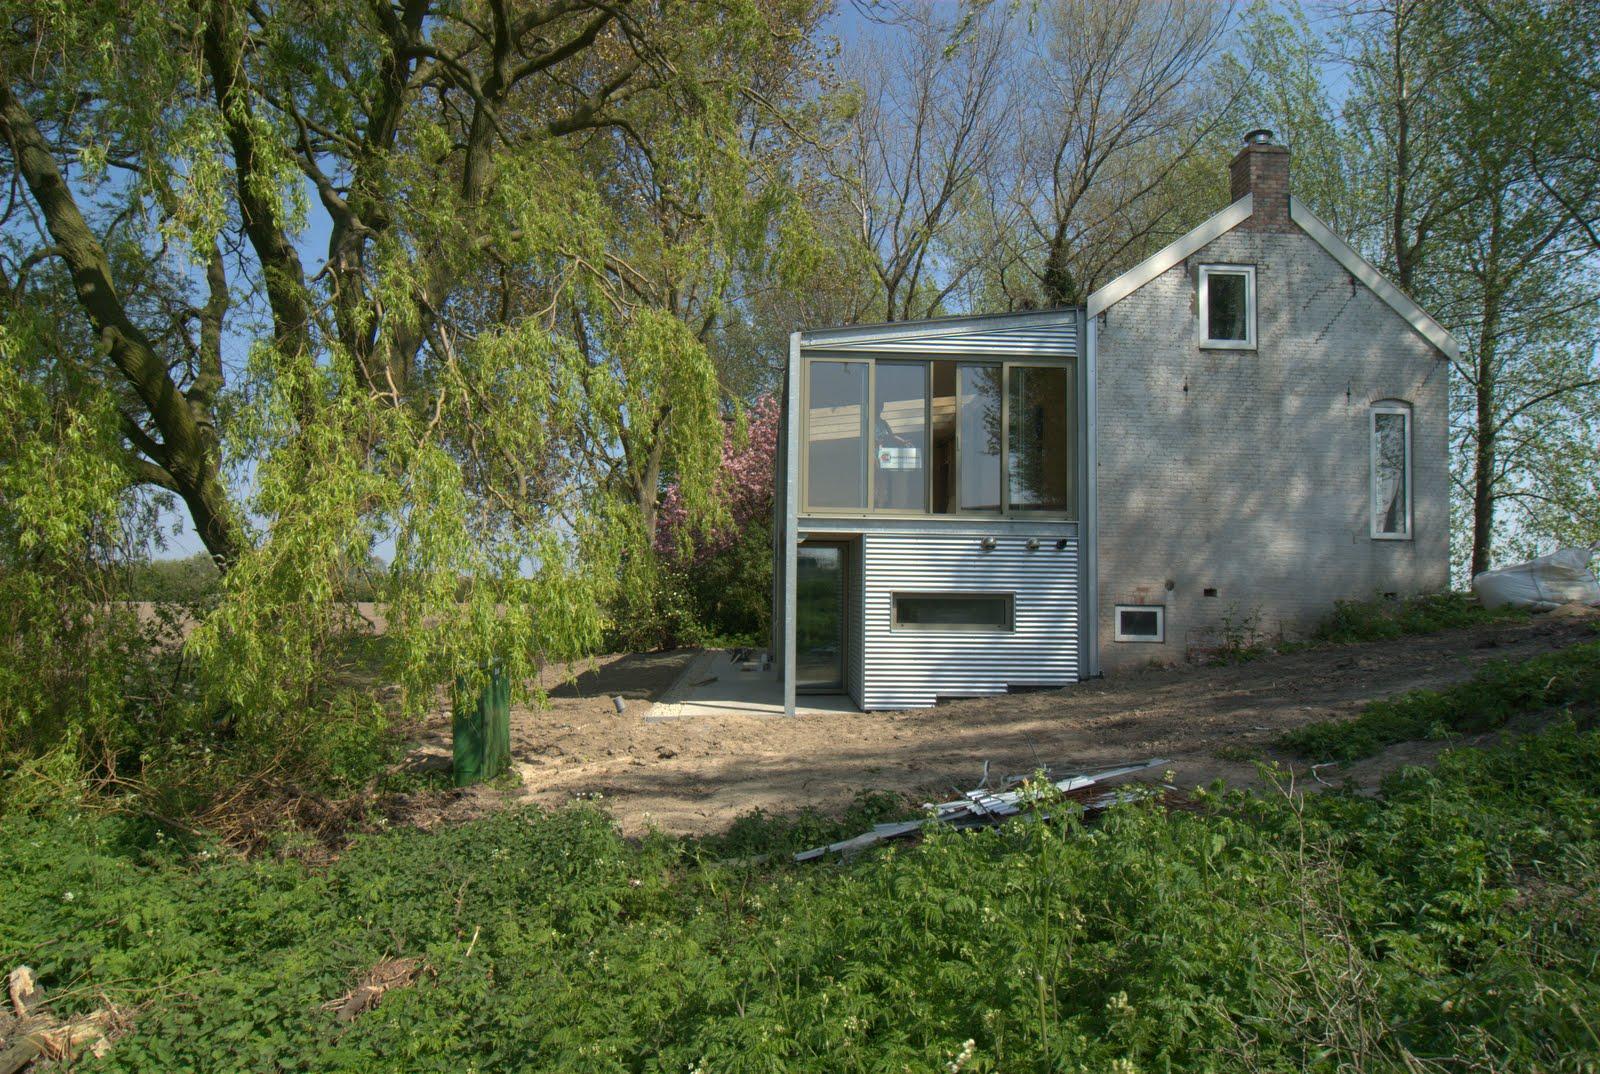 Maison secundaire Geert Vennix architecte